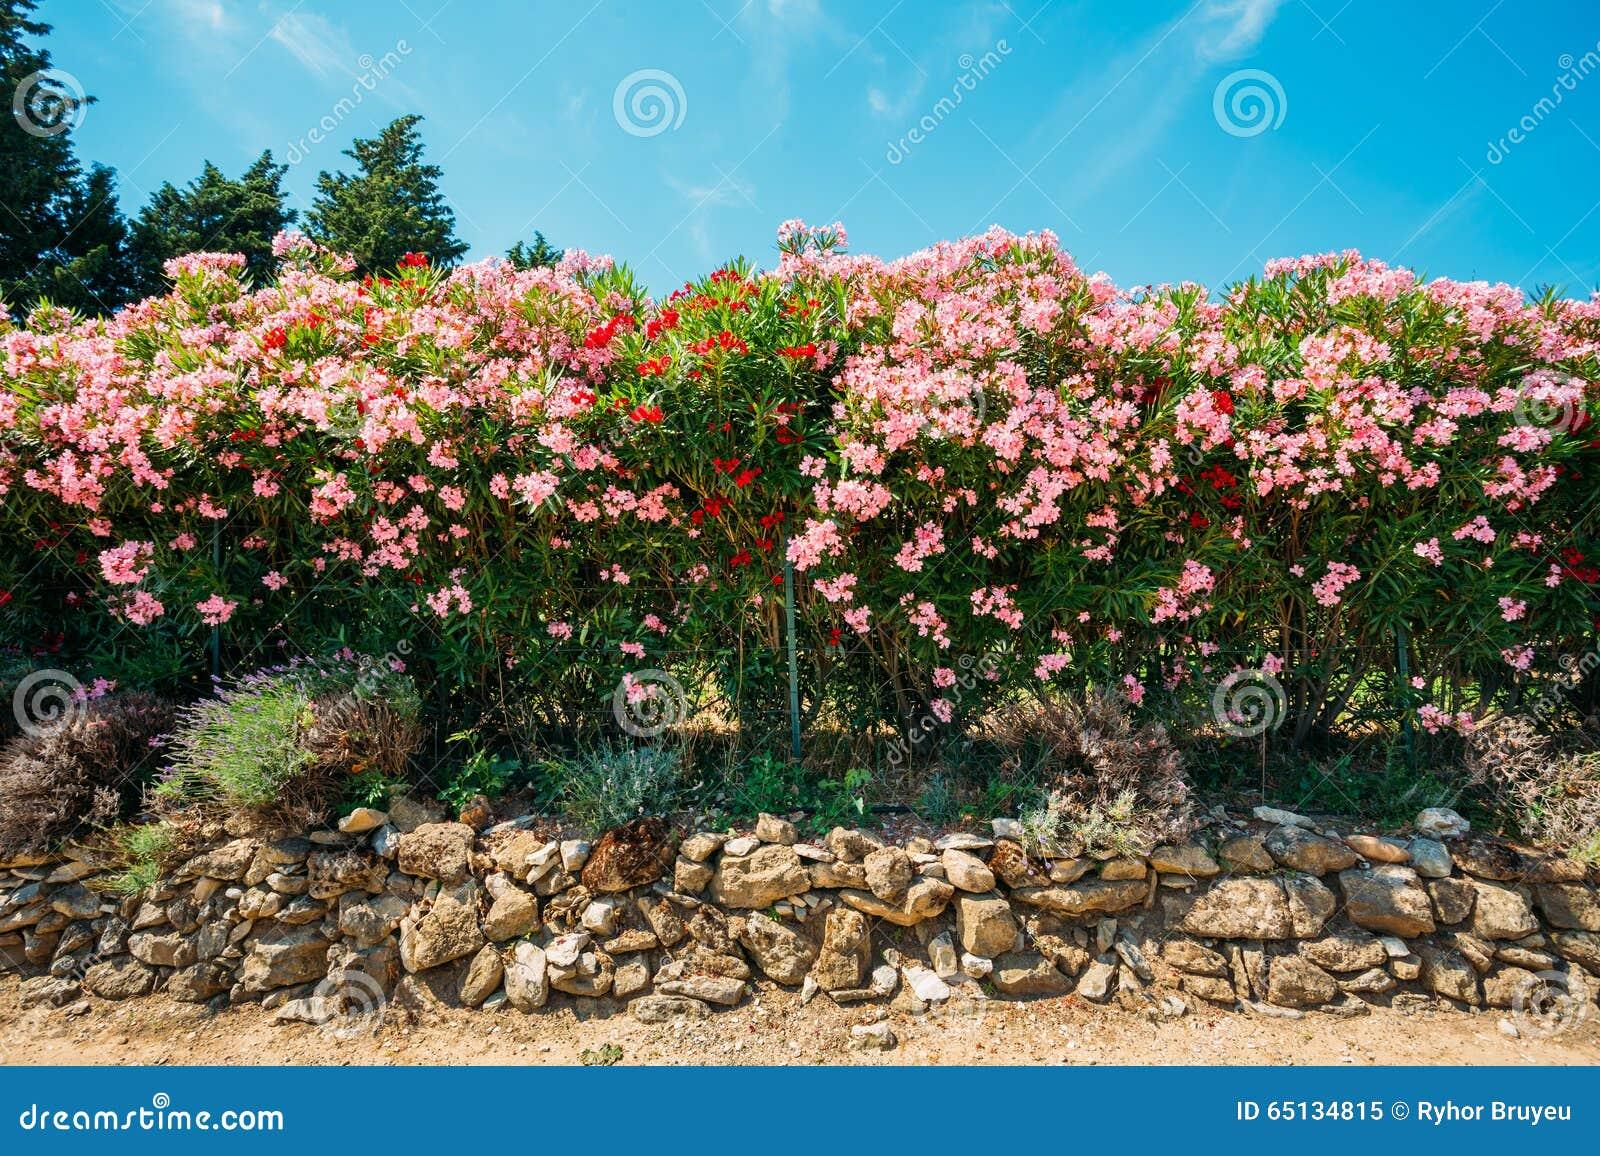 Struiken Met Bloemen Voor In De Tuin.Haag Van Bloeiende Struiken Roze Bloemen Tuin